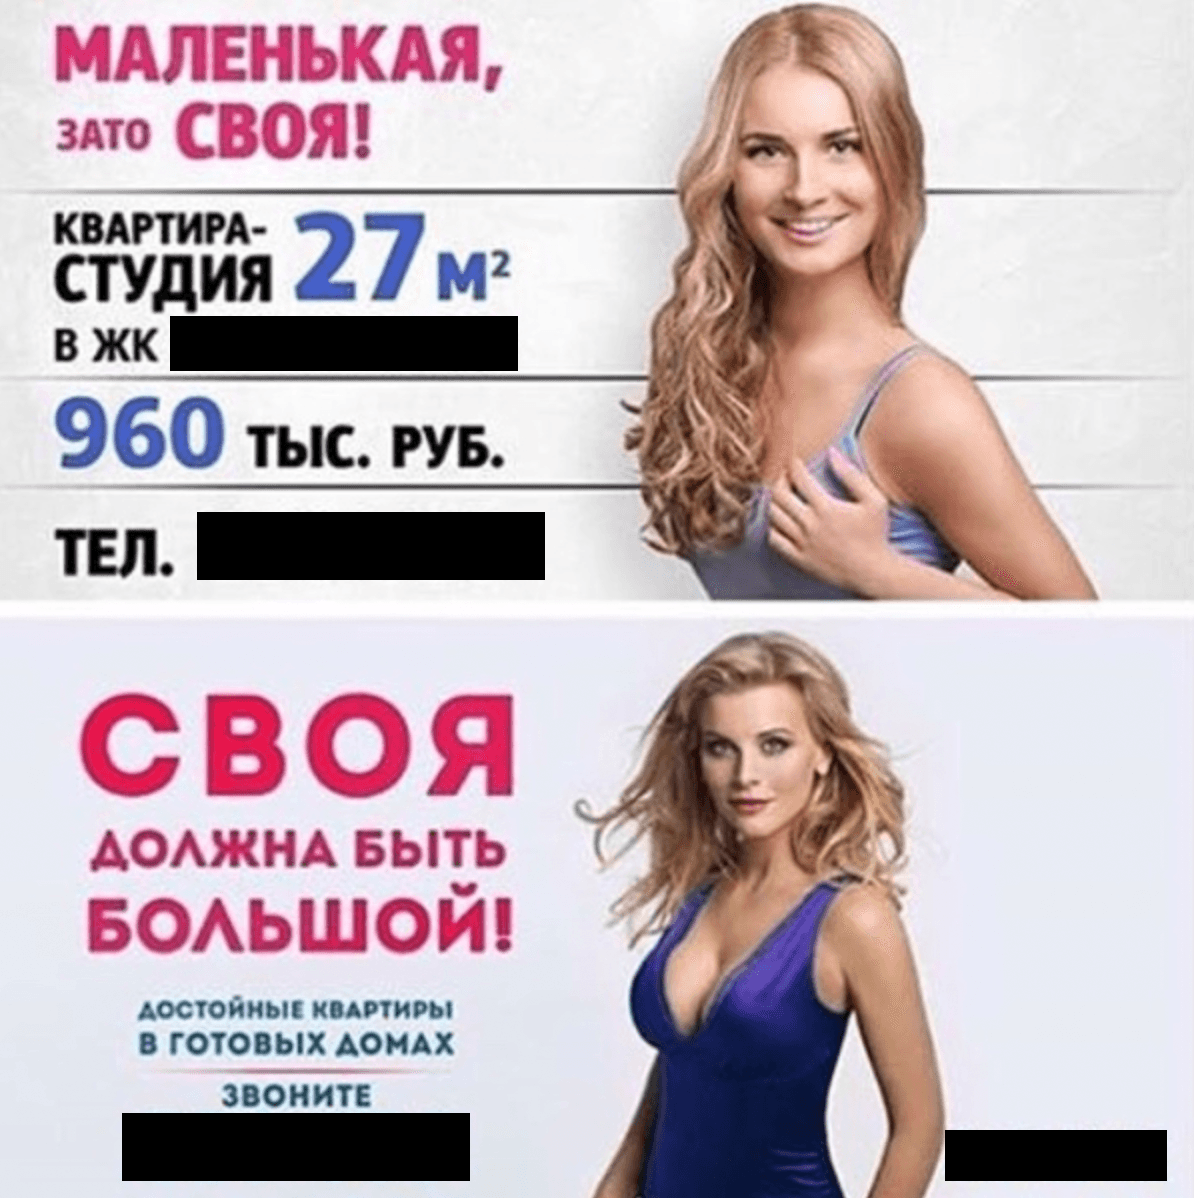 Одна девушка из рекламы как бы не стеснялась маленькой груди, а другая хвасталась большой. Фото: «Пикабу»